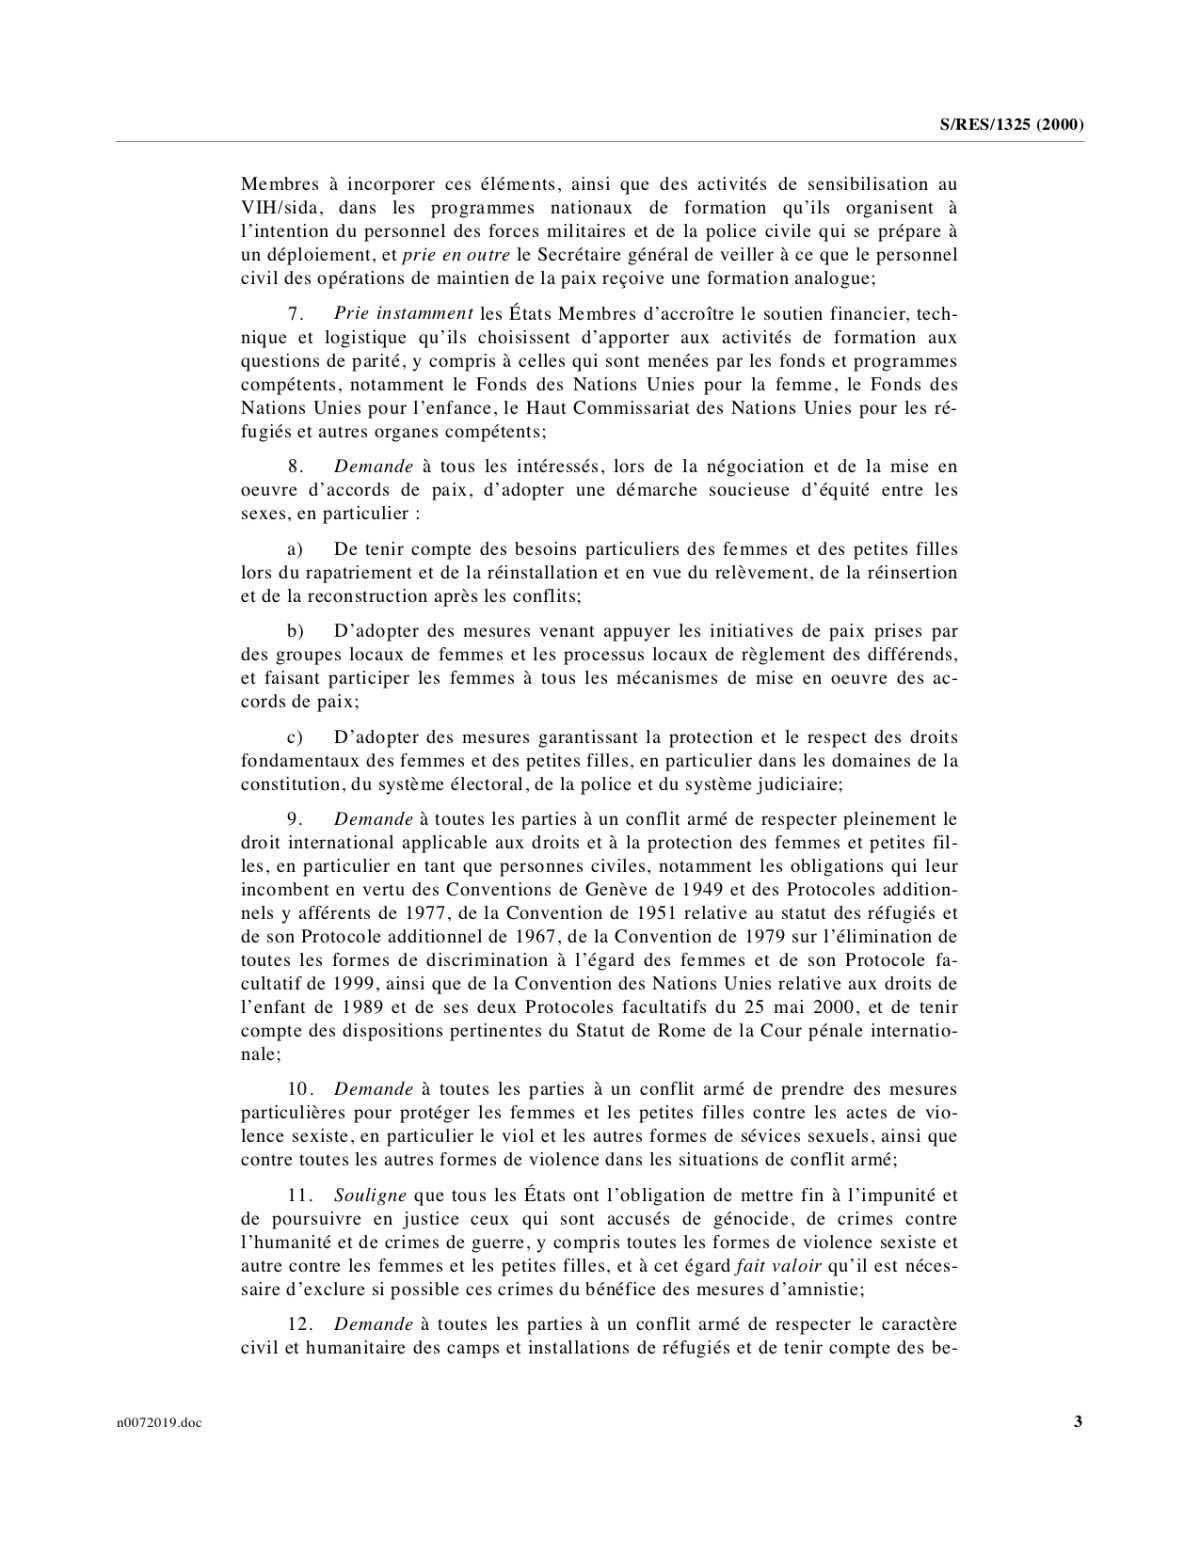 Nations Unies Conseil de sécurité Résolution 1325 (French)